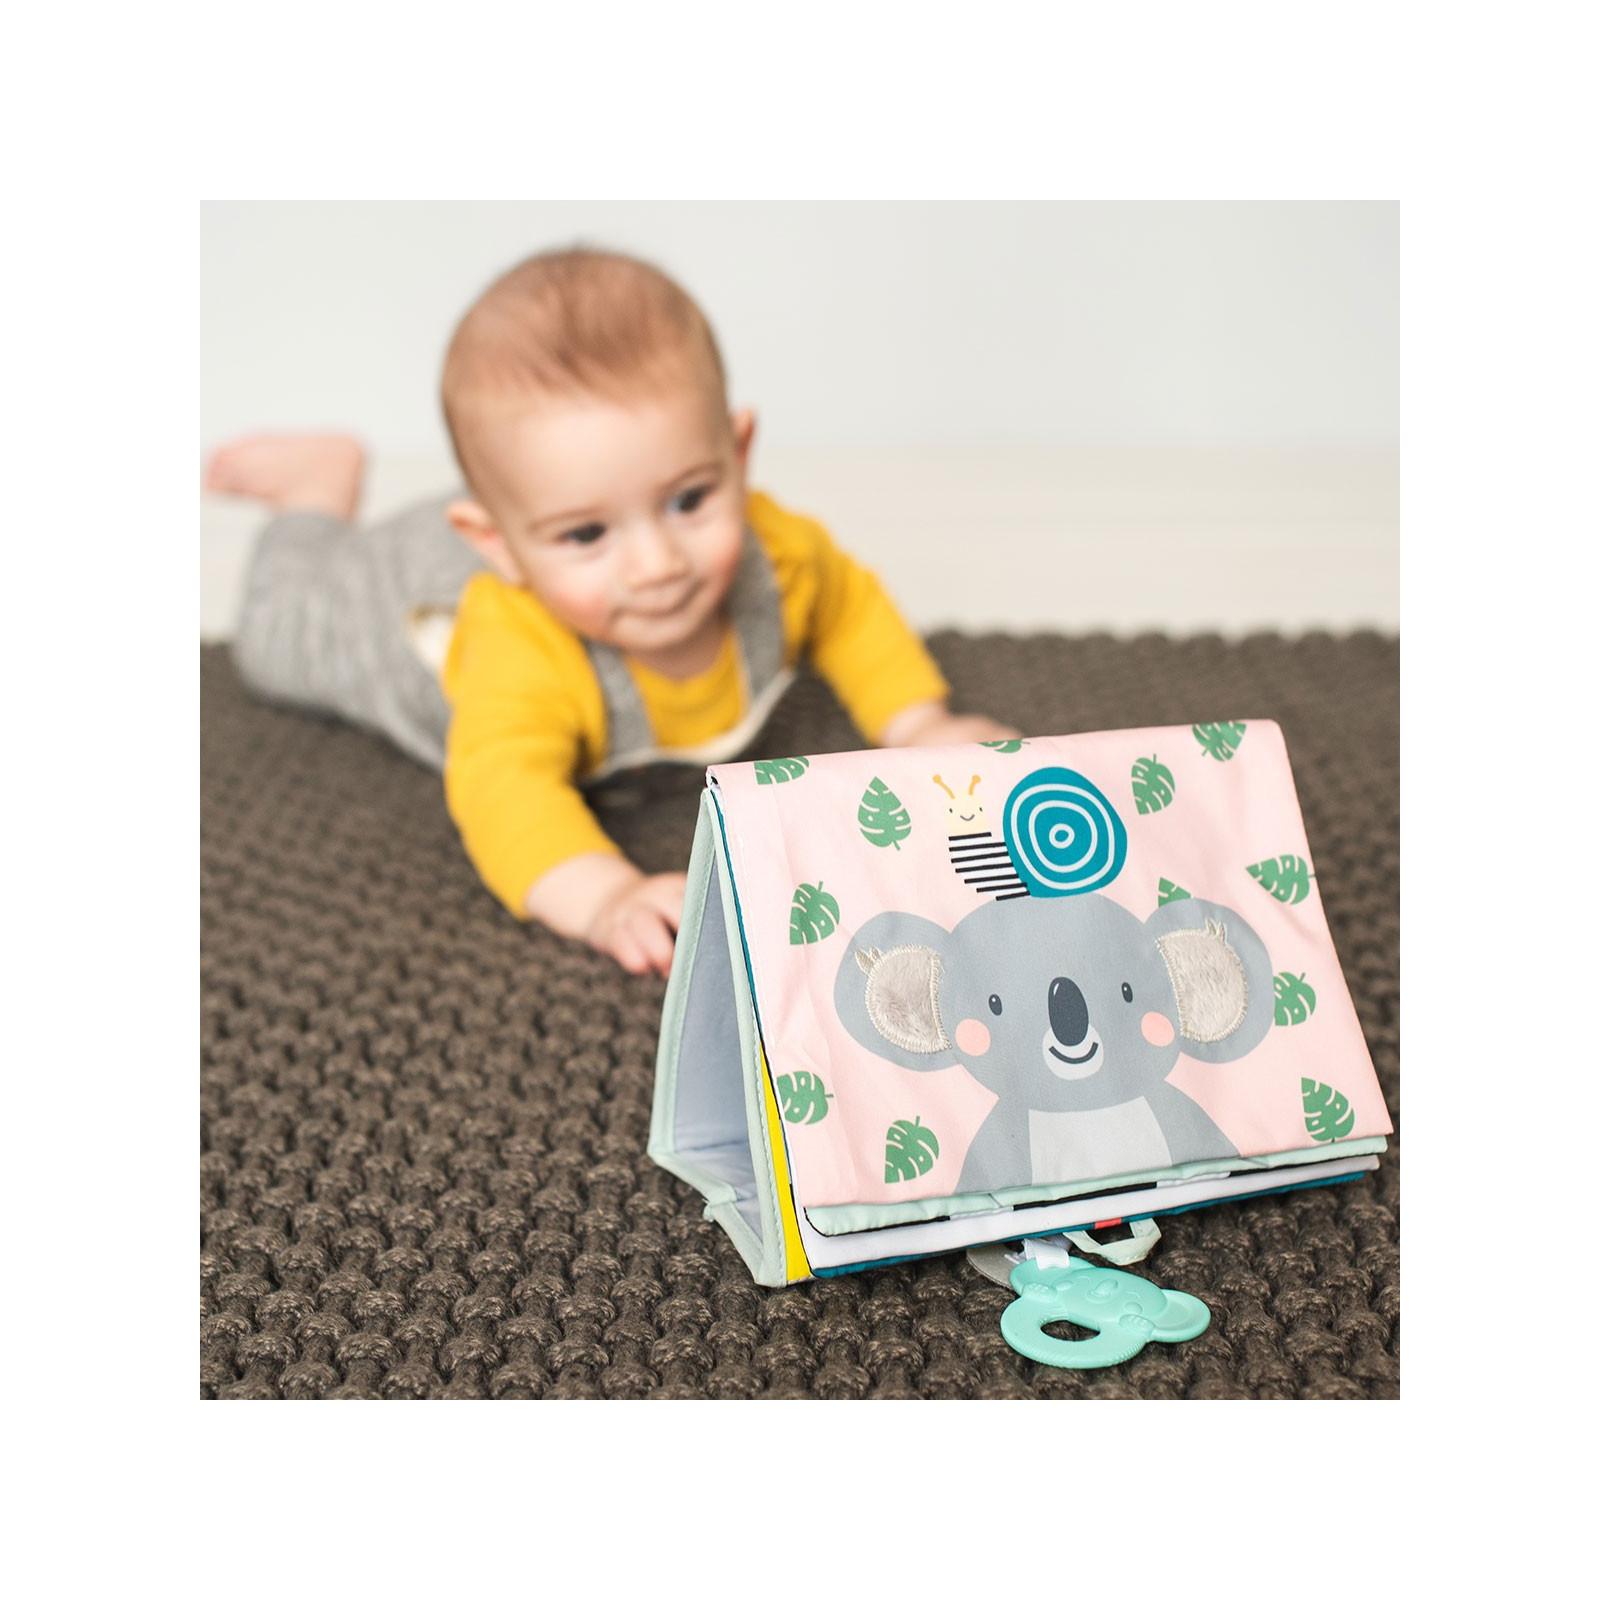 Развивающая игрушка Taf Toys перекидная книжка Мечтательные коалы (12395) изображение 12